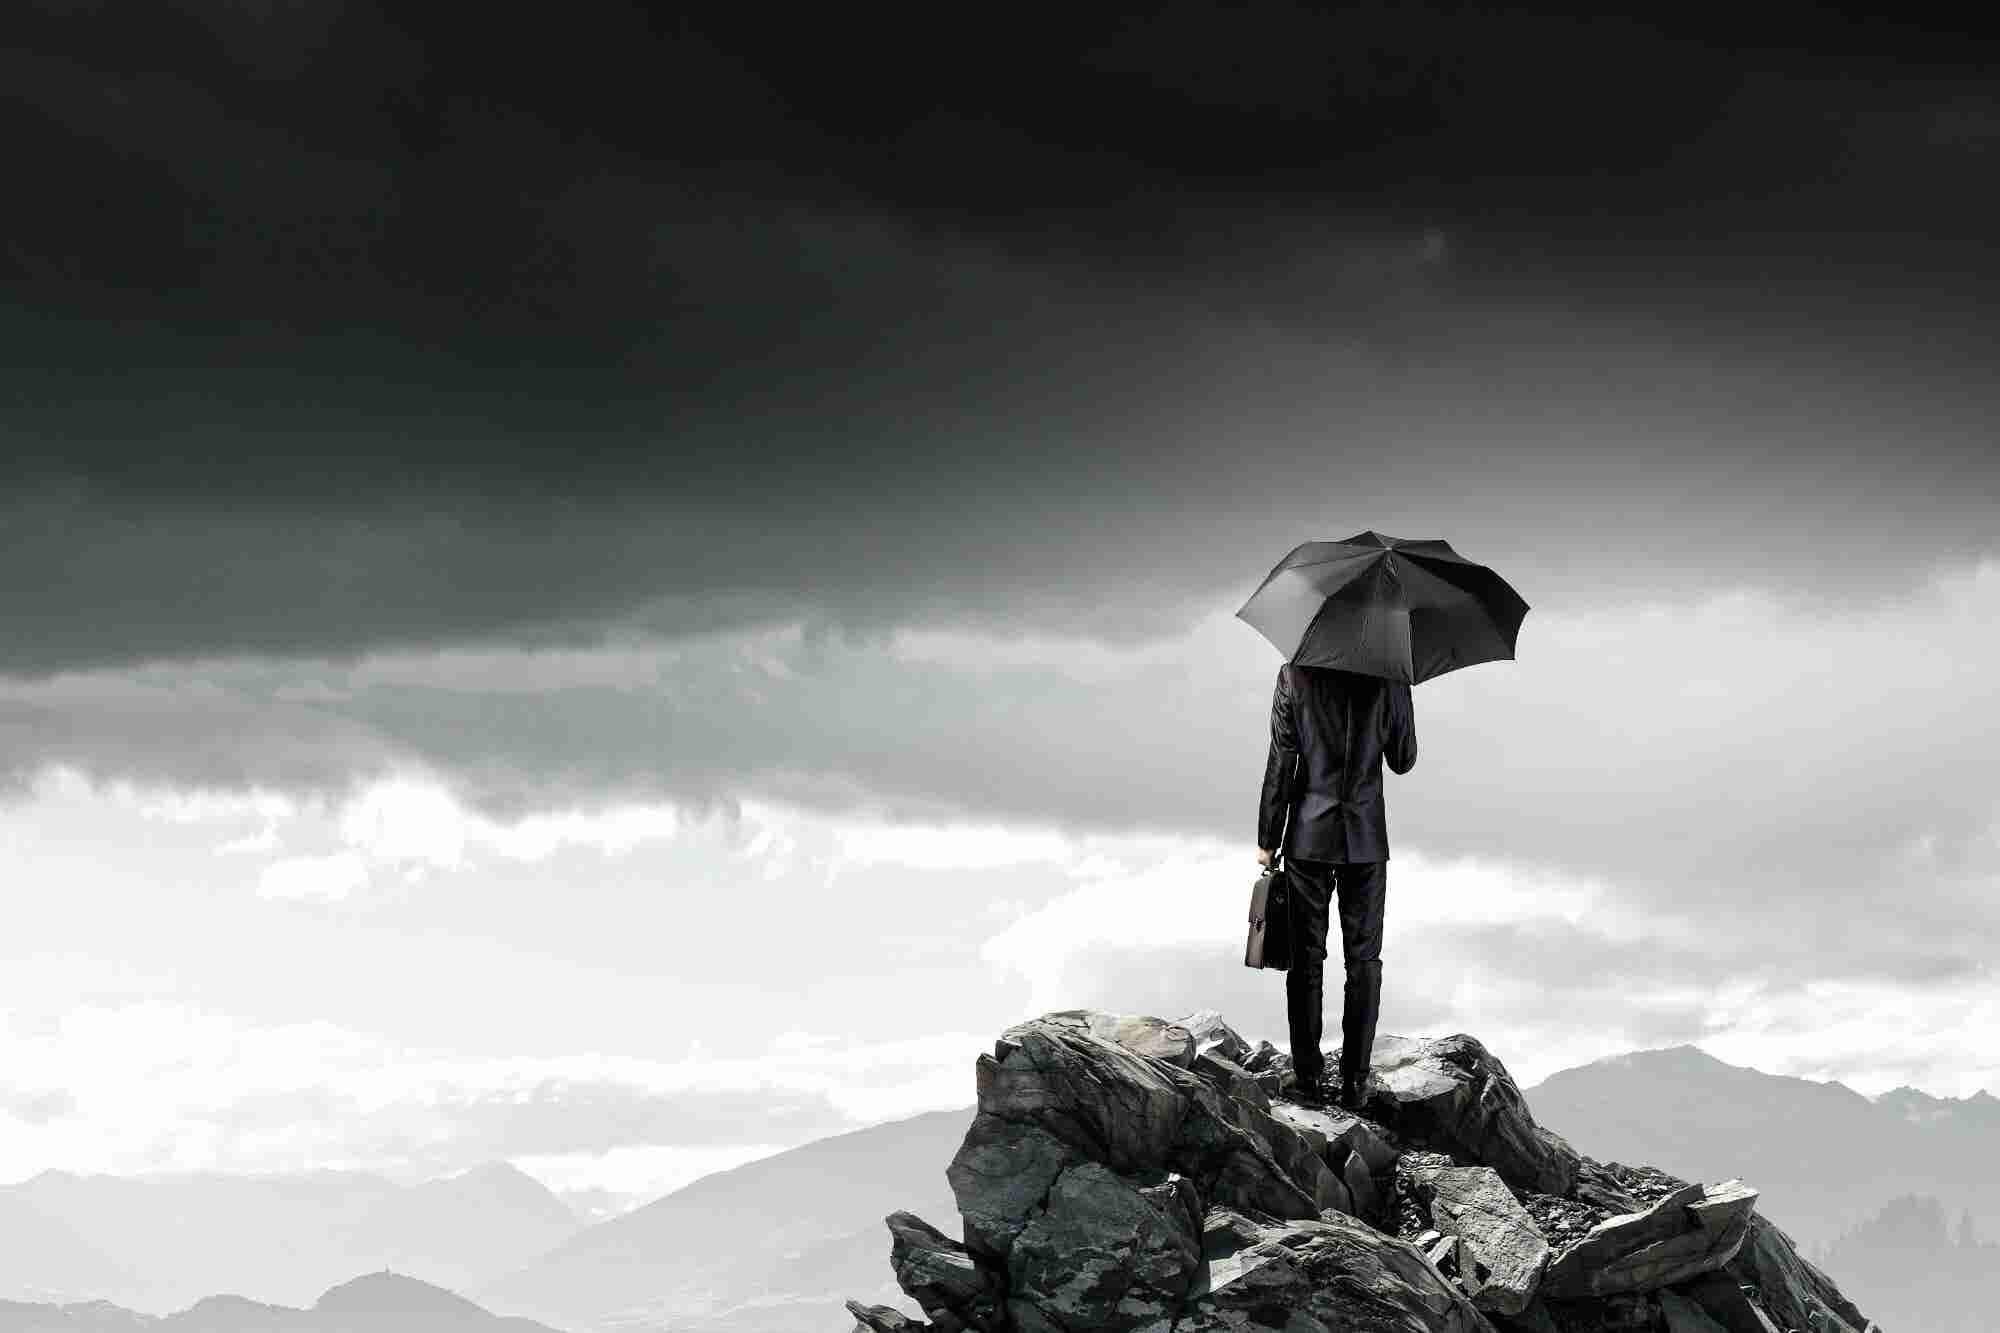 Las 7 reglas que cualquier tipo de liderazgo necesita en tiempos difíciles